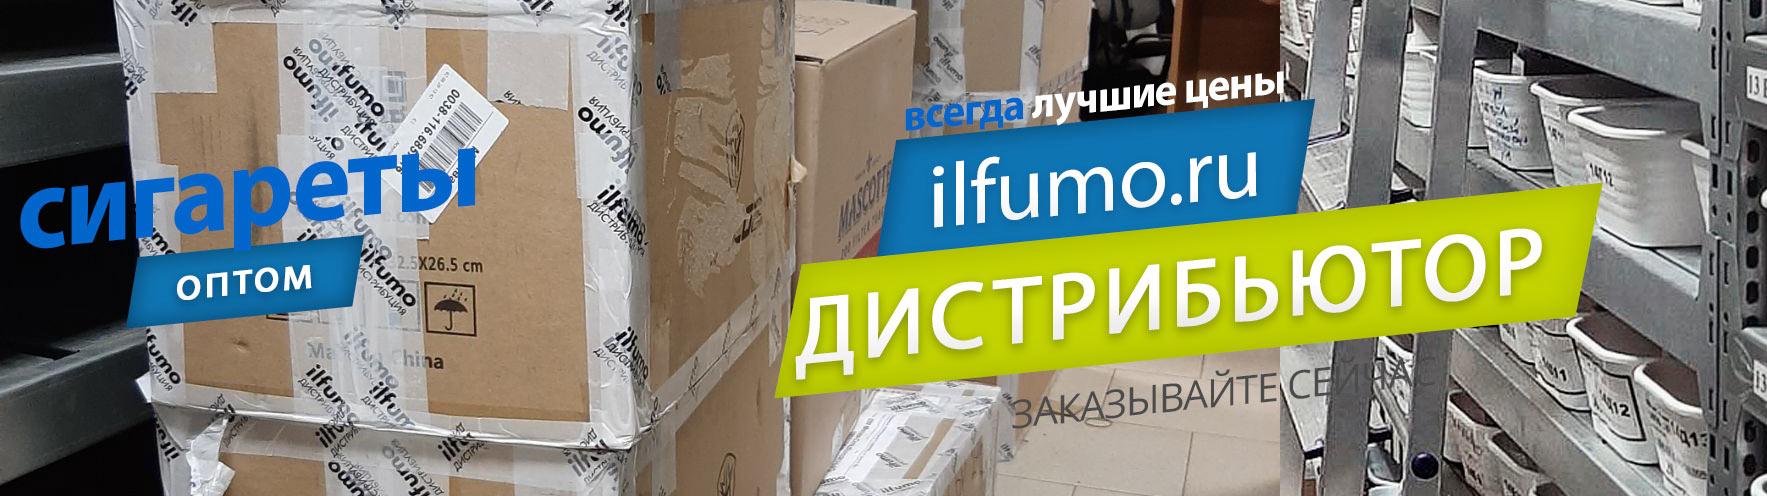 Купить сигареты по ценам ниже оптовых сигареты казахстан оптом купить